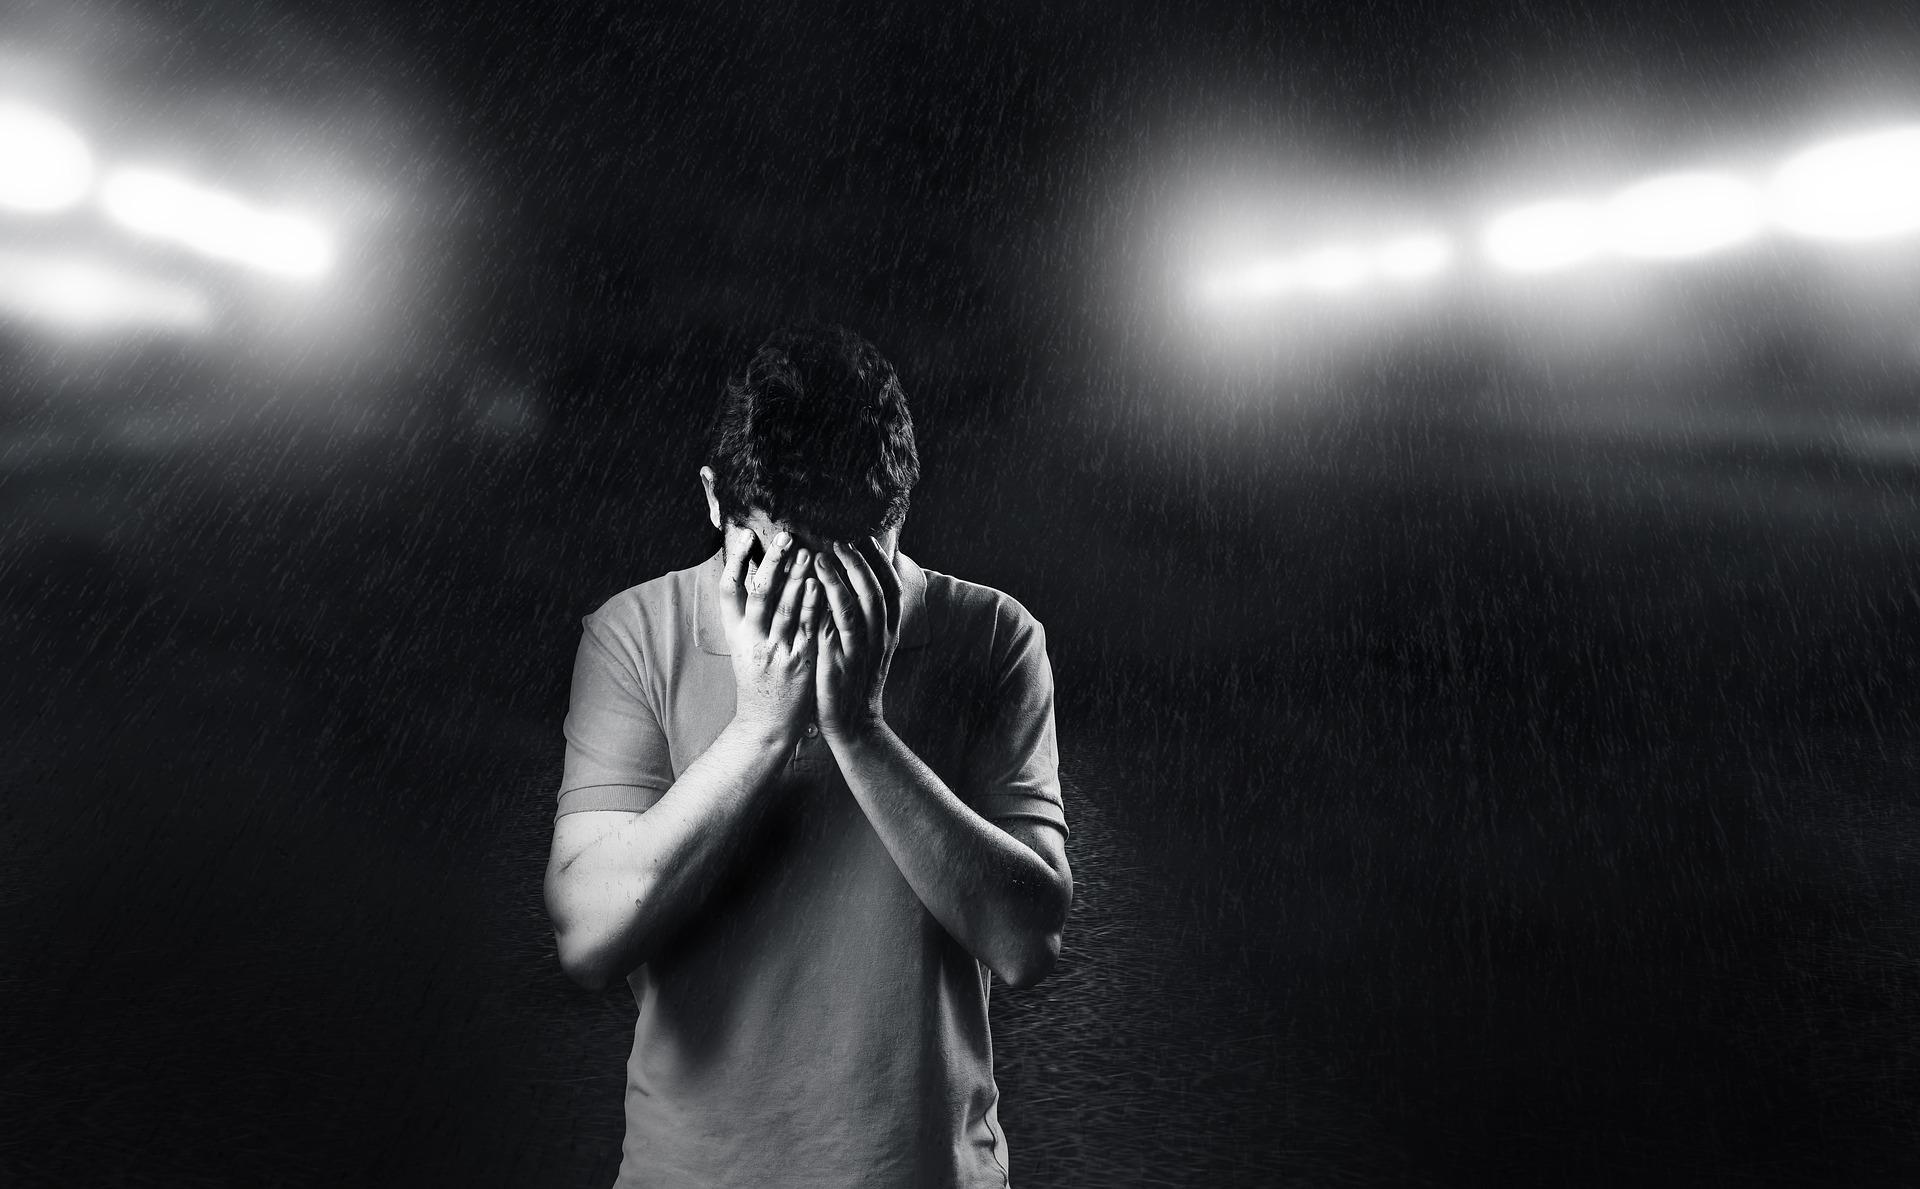 後悔ばかりの人生は「3つの不安」が原因で引き起こされているかも